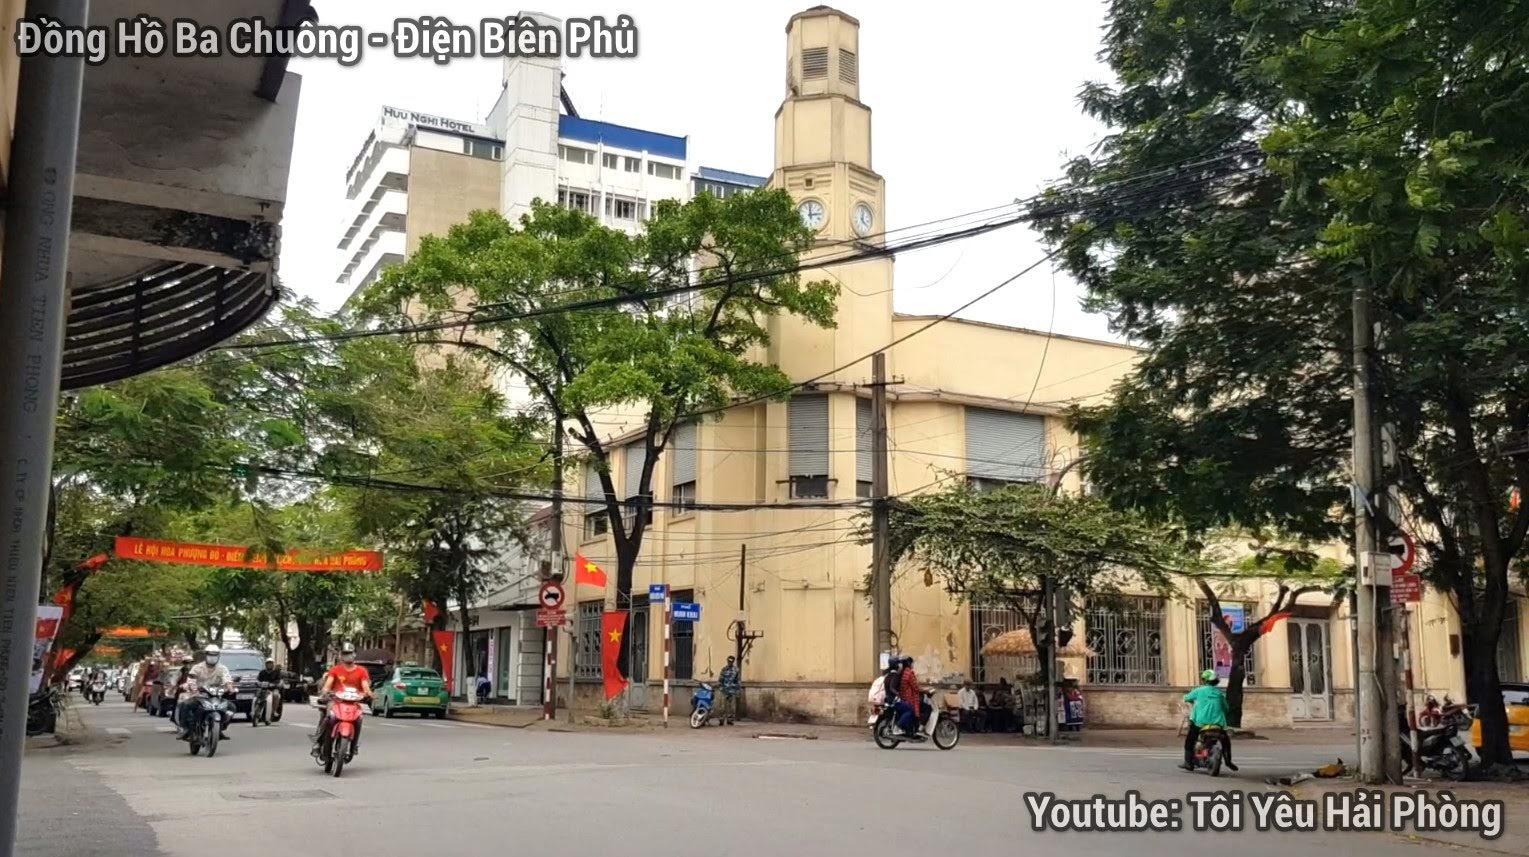 Đường Điện Biên Phủ ở Hải Phòng ngày kỷ niệm 65 năm 3